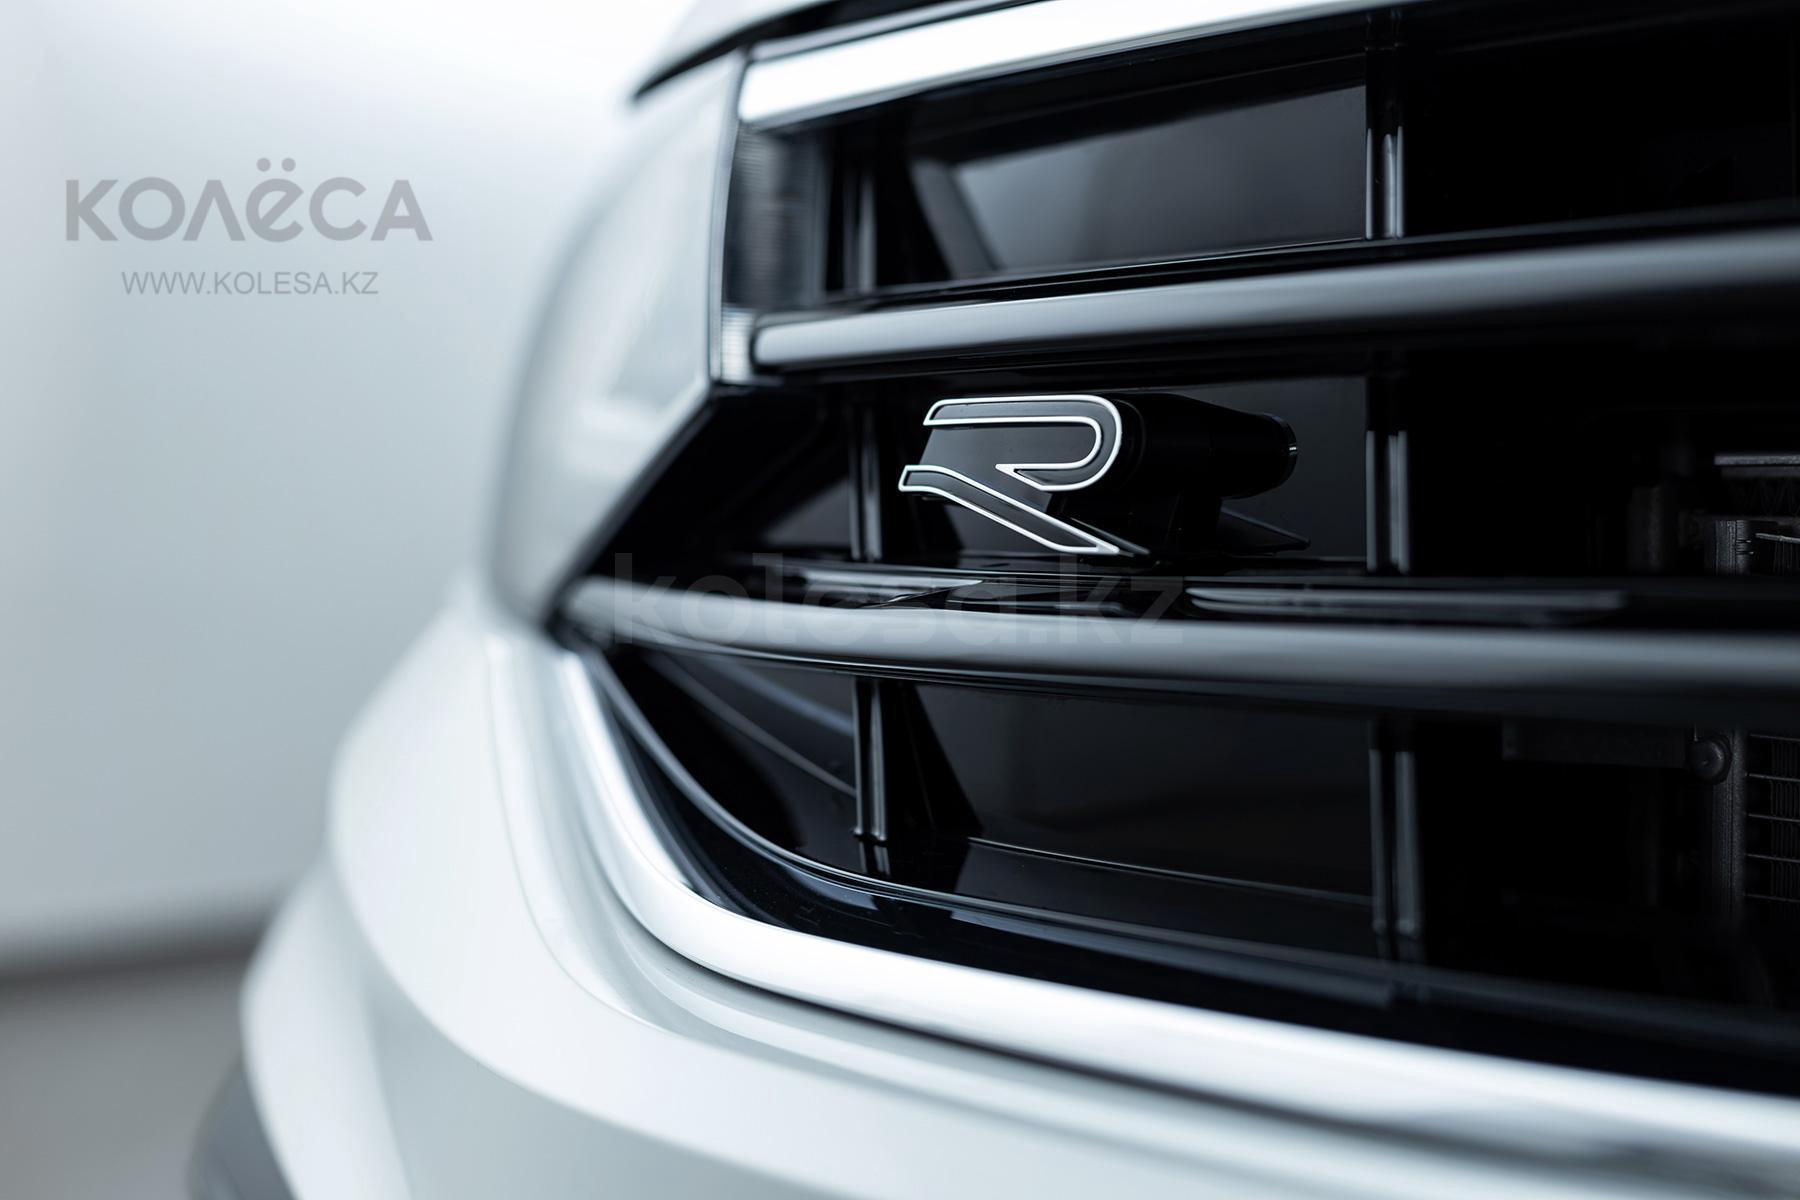 Volkswagen Tiguan J класса 2020-2021 года от 12 800 000 тенге